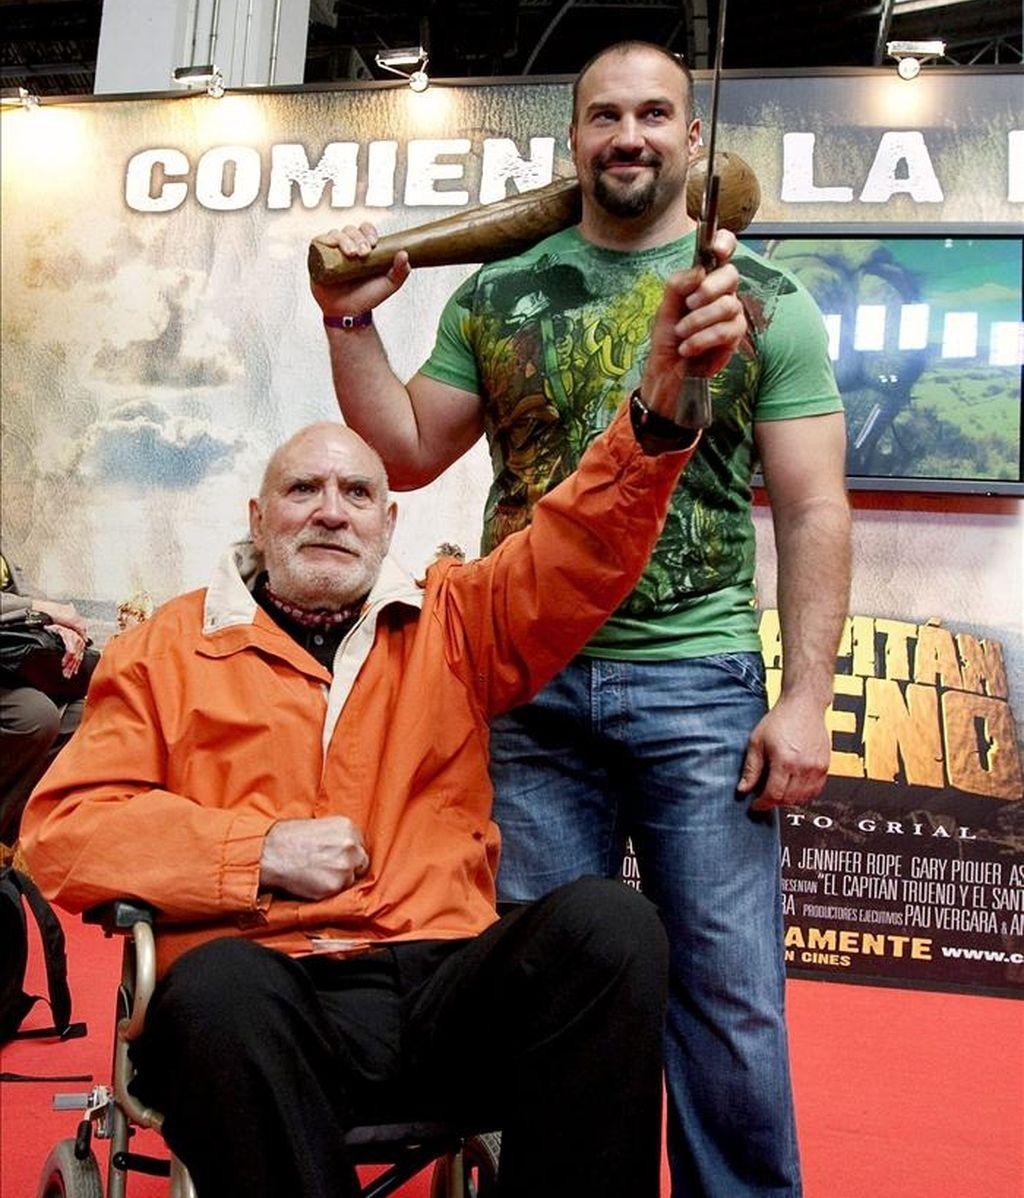 """El lanzador de peso Manuel Martínez (d), que interpreta a """"Goliath"""" en la película """"El Capitán Trueno y el santo Grial"""", junto a Víctor Mora (i), creador del cómic en el que está basada la película, posaron hoy en el Salón del Comic de Barcelona. EFE"""